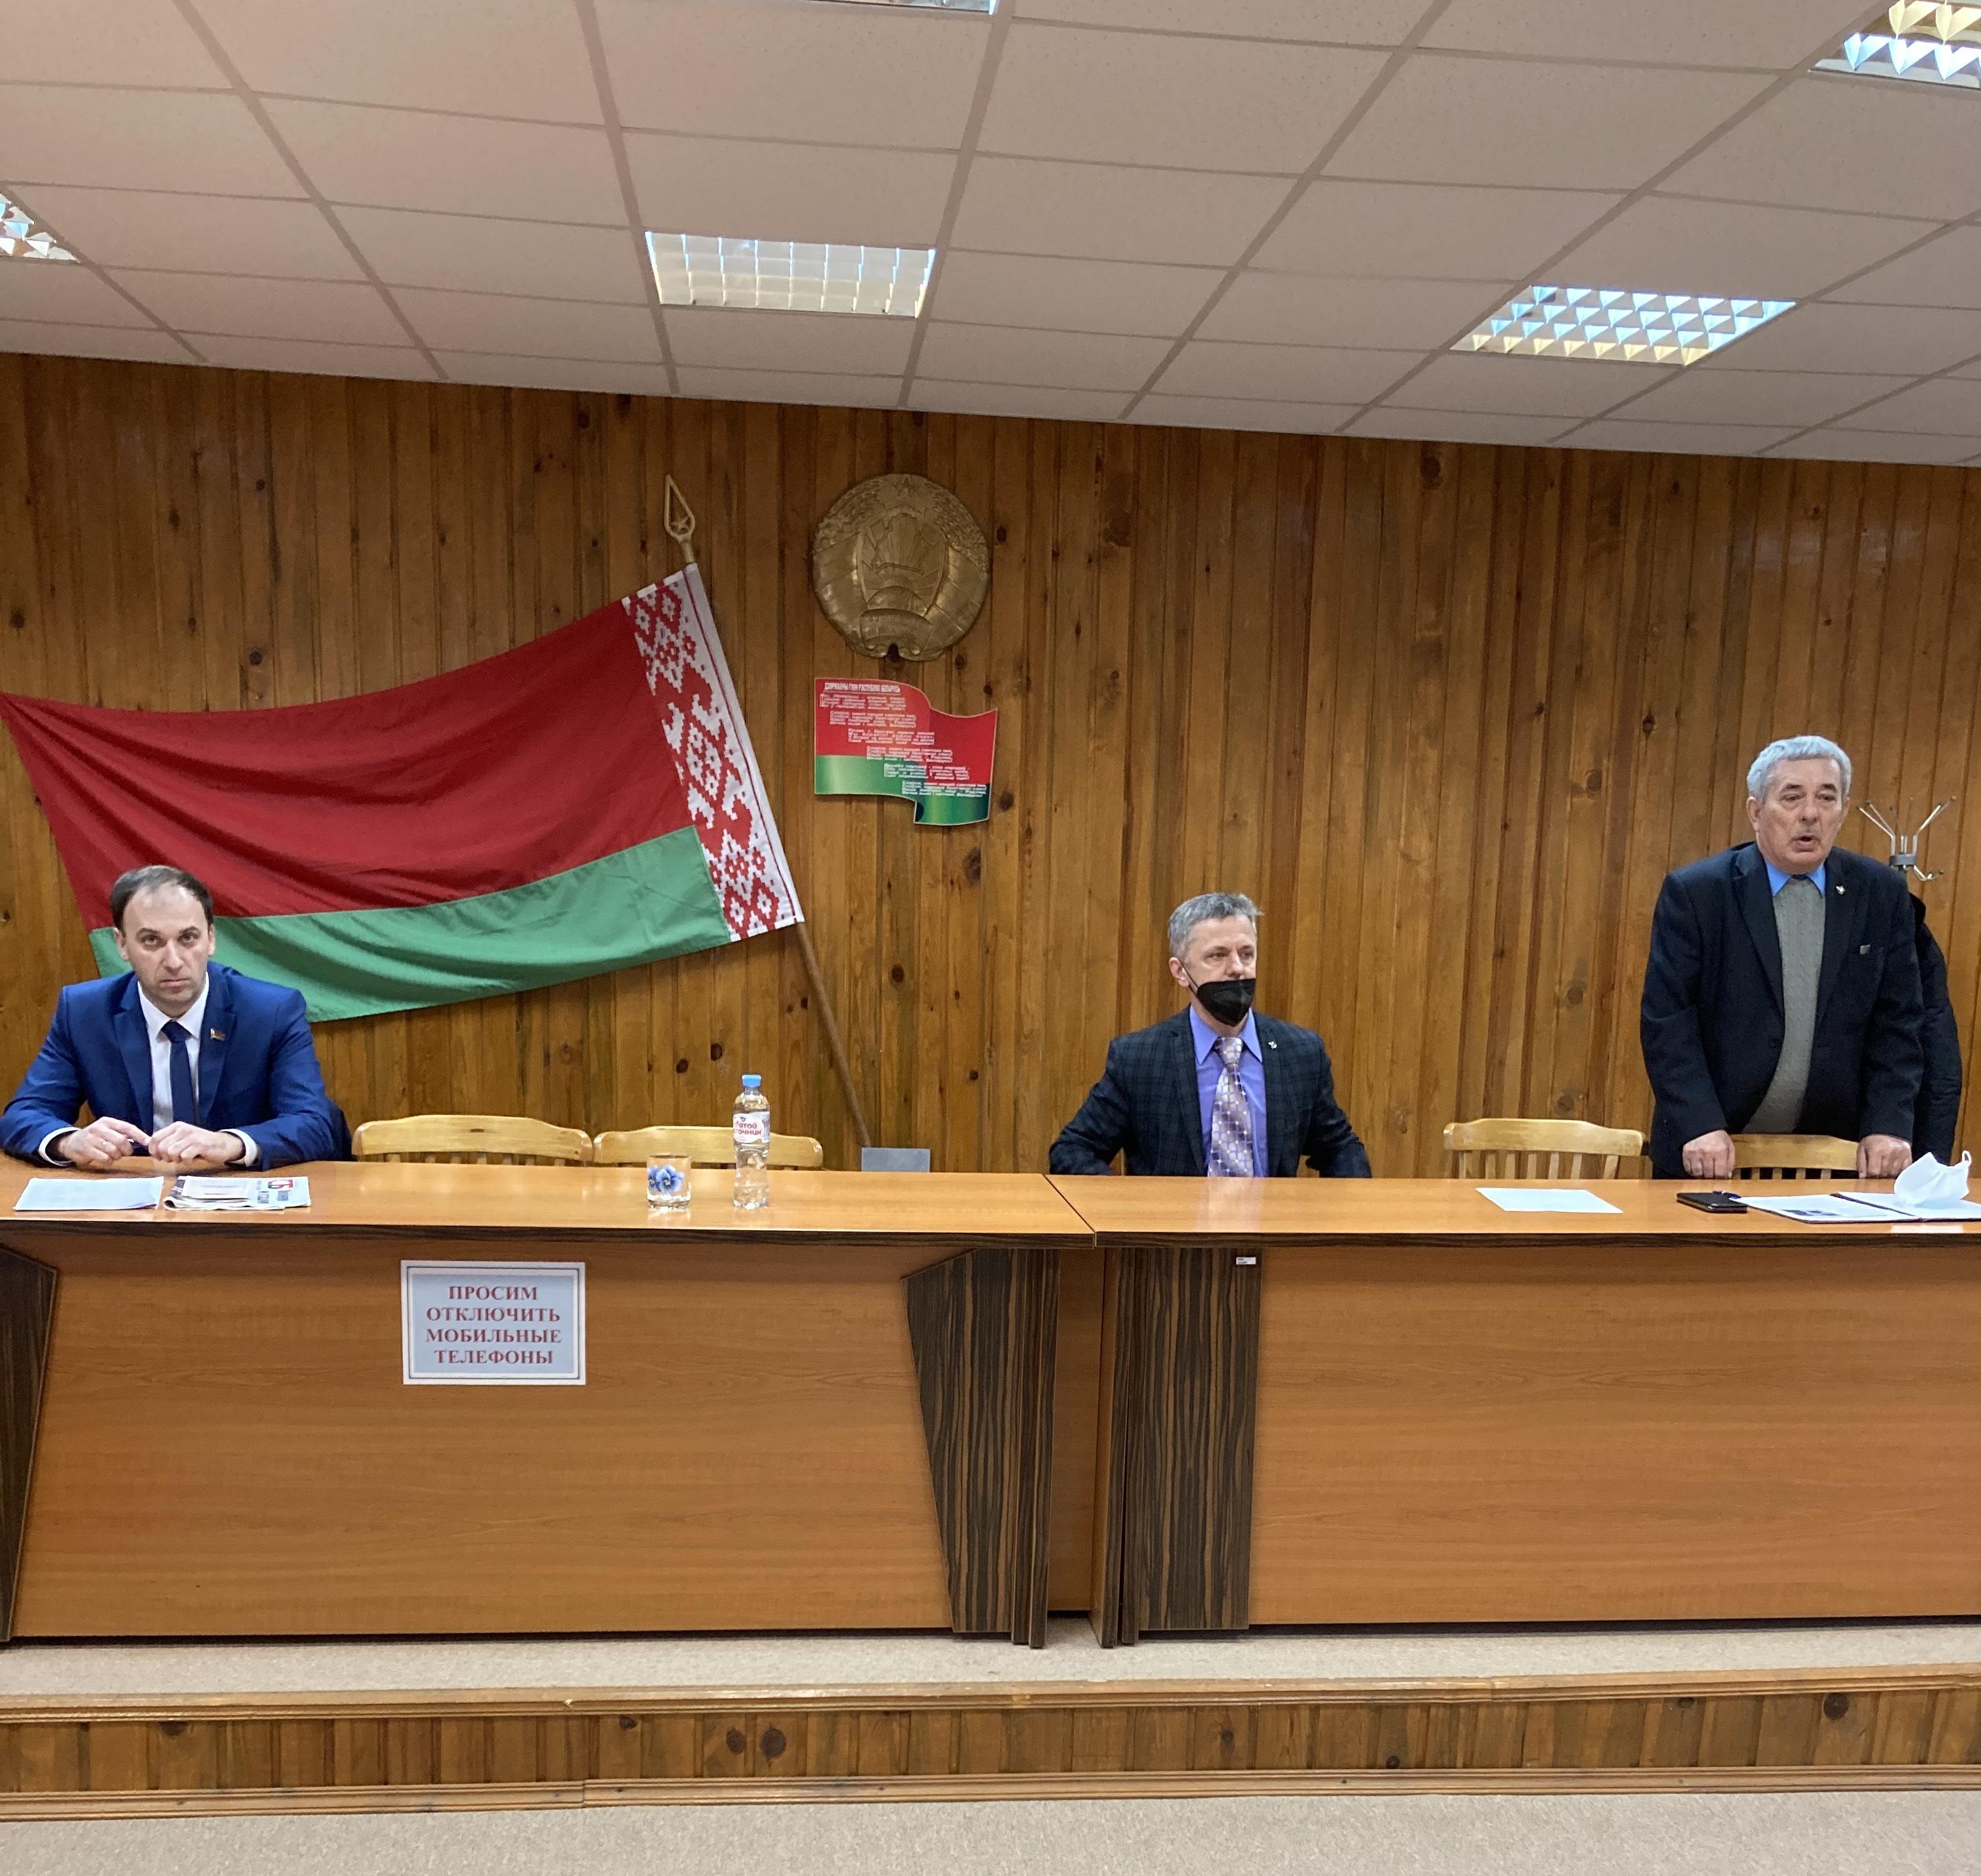 Встреча с участниками VI Всебелорусского народного собрания